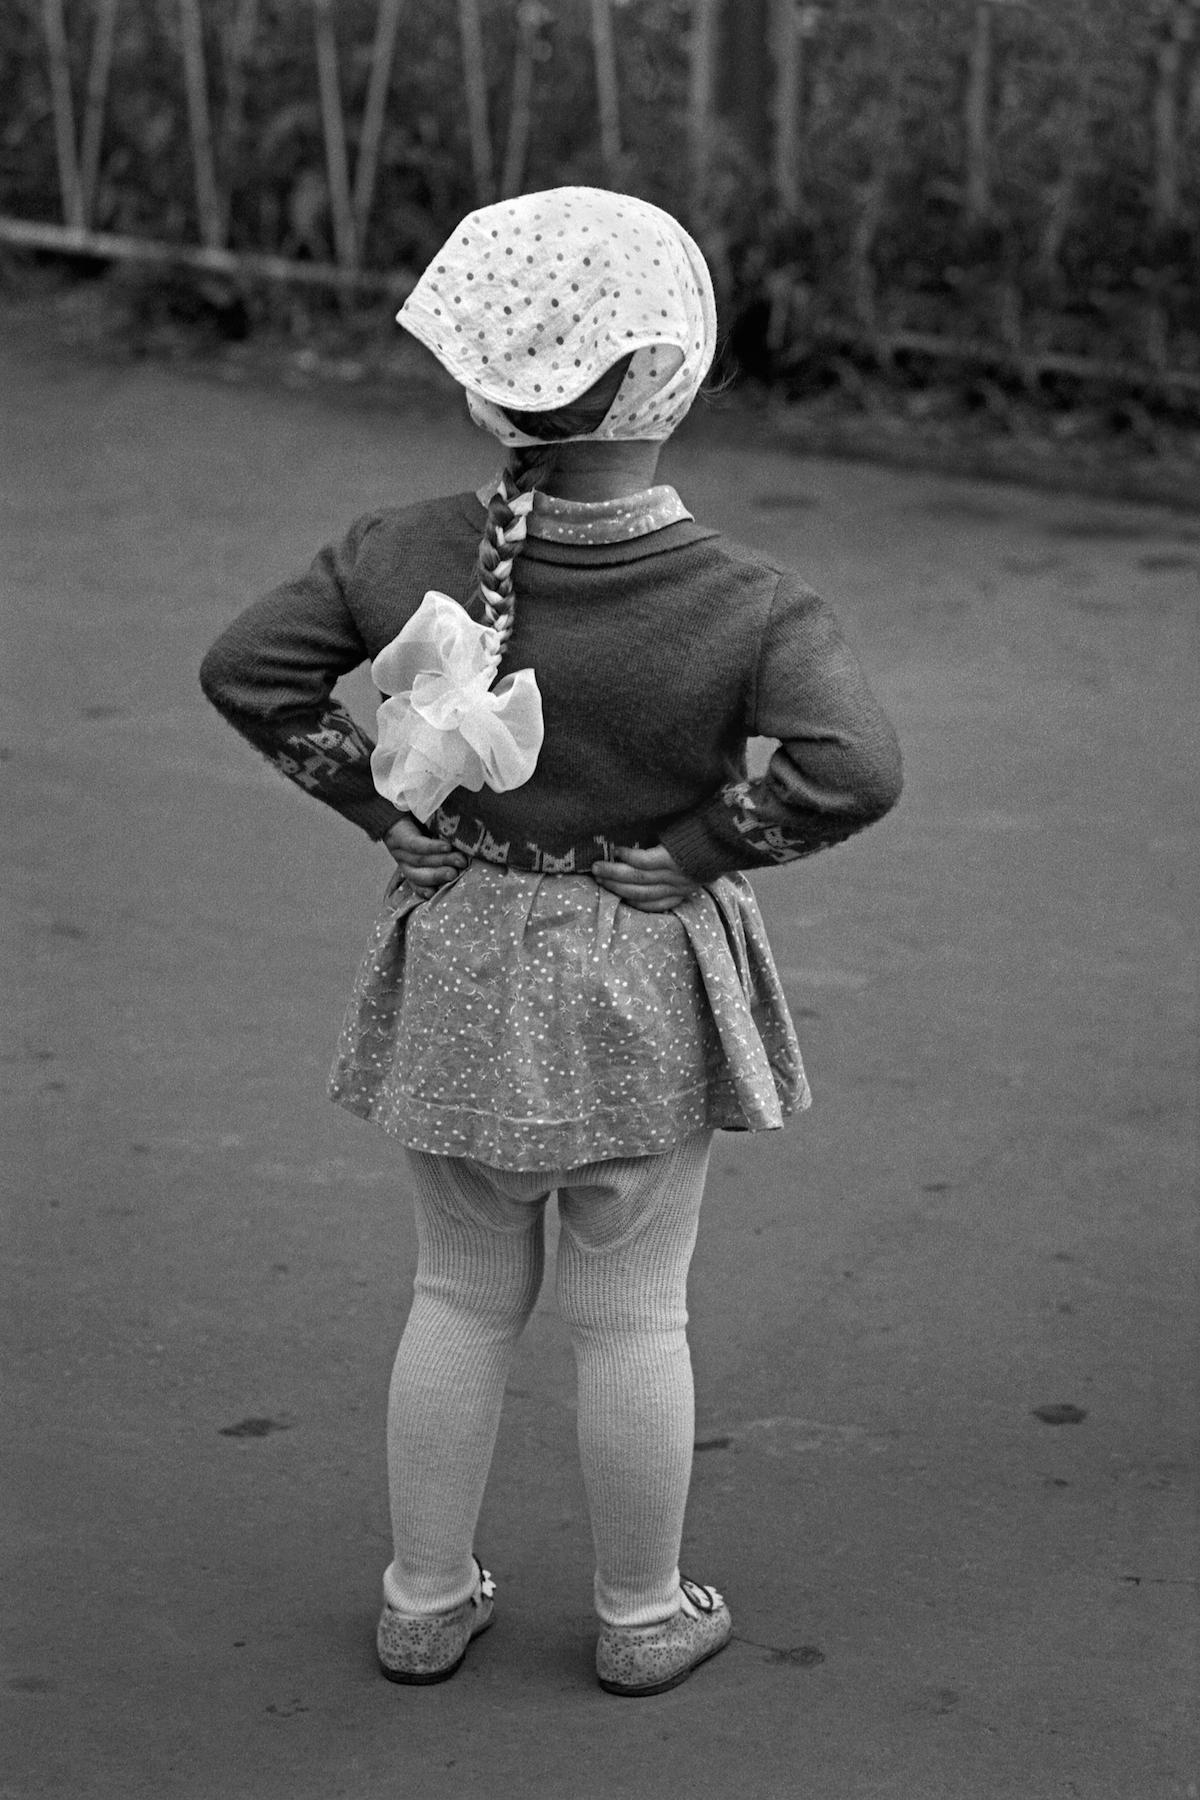 A little girl in USSR